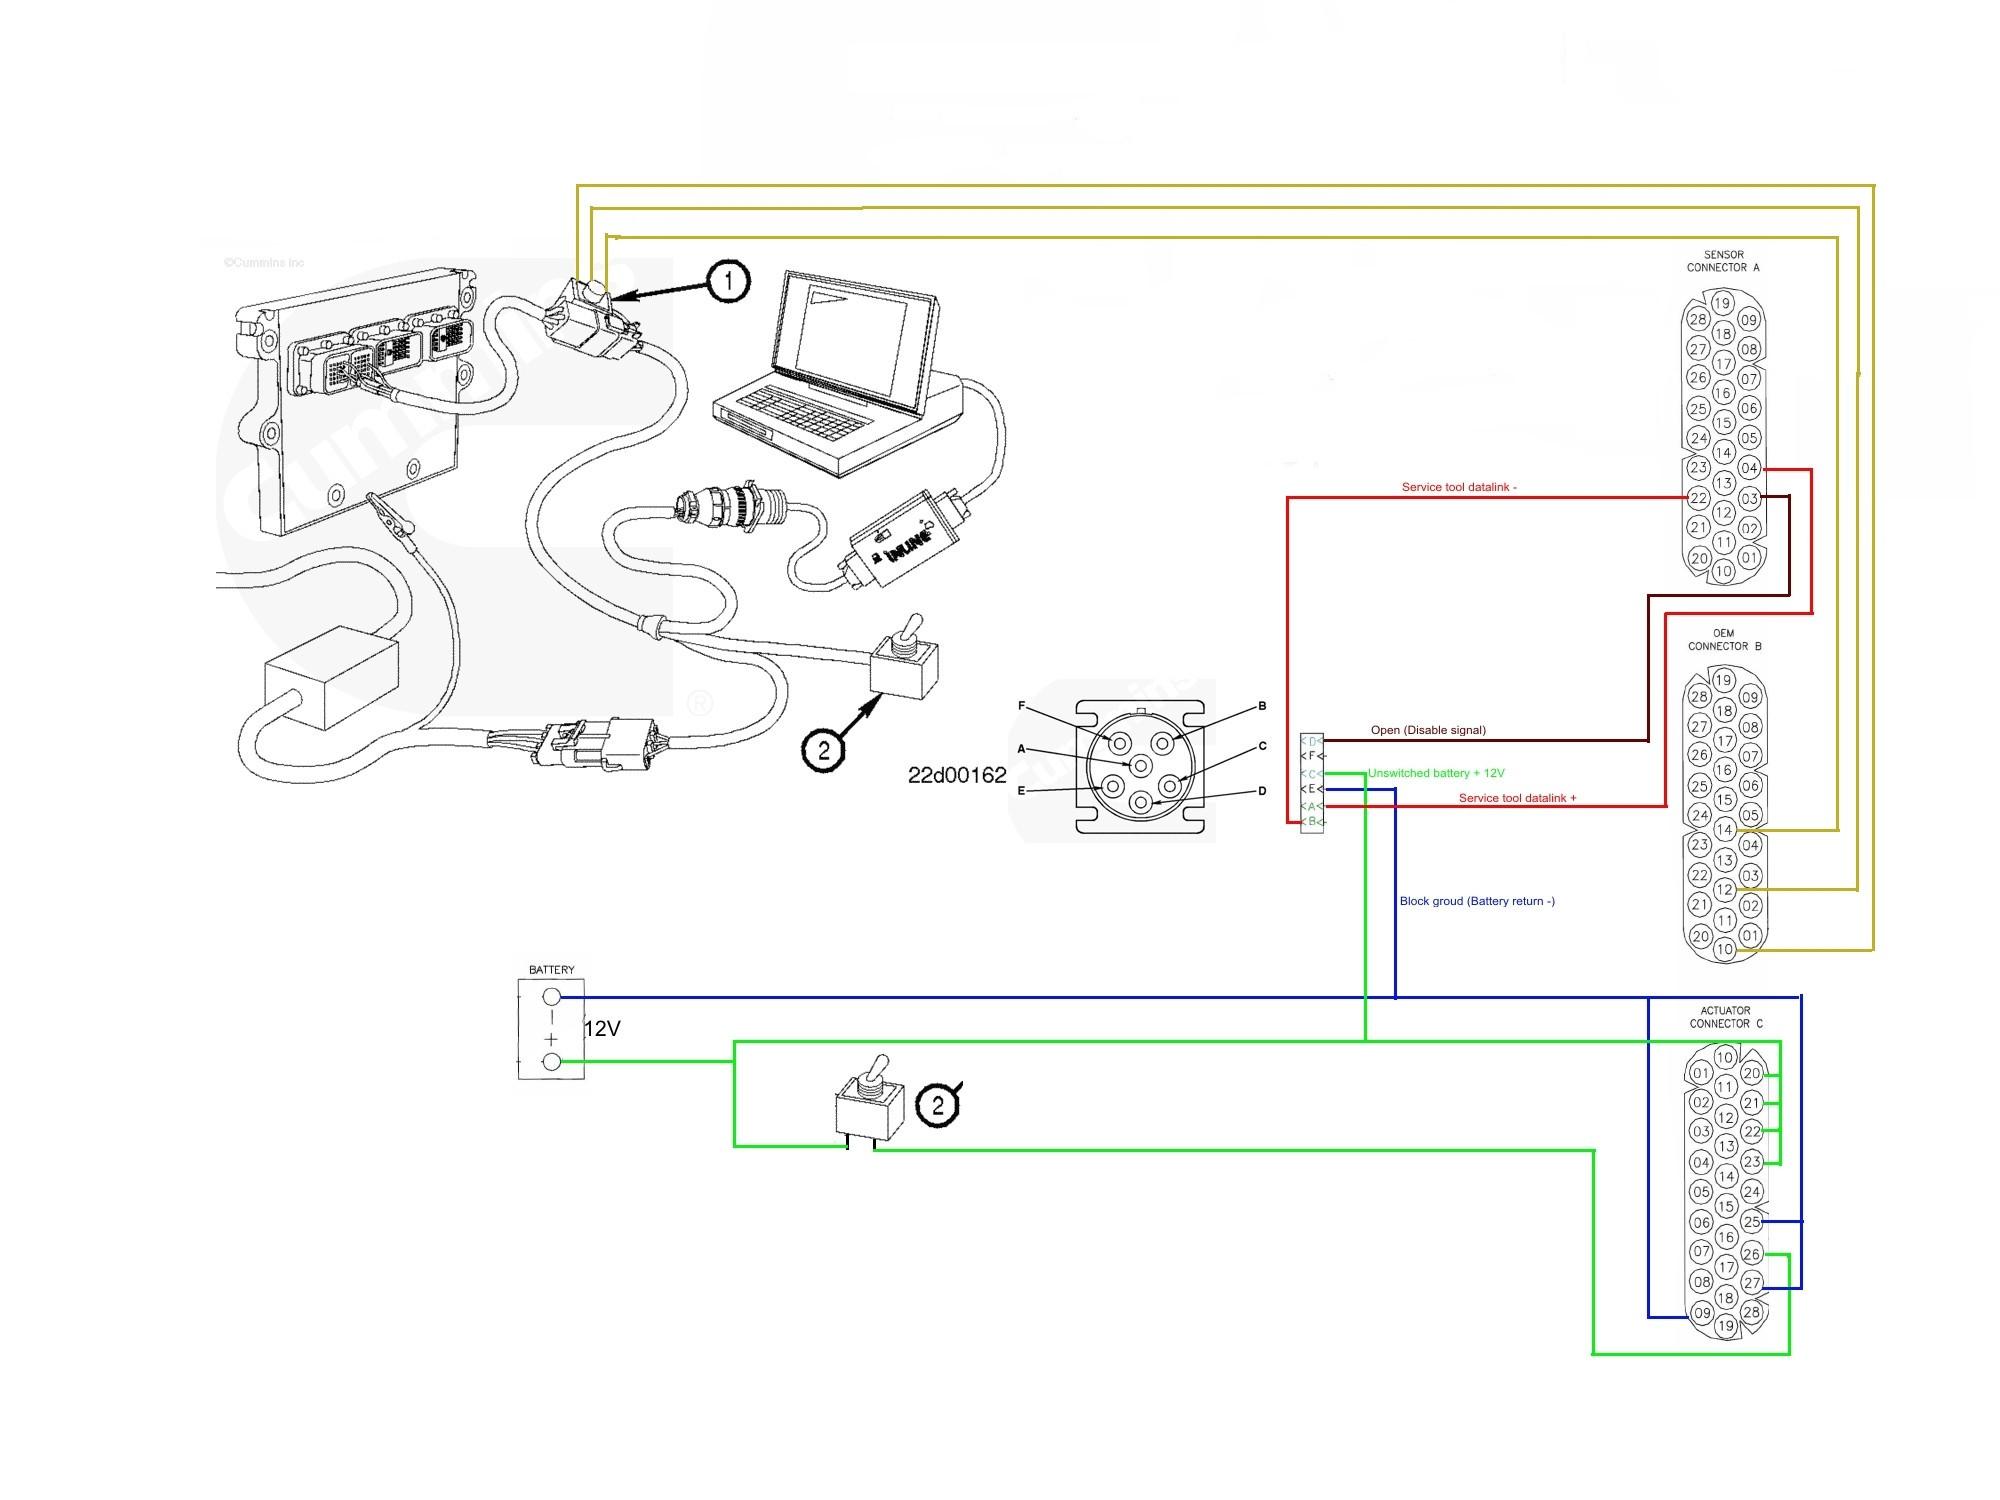 Cummins N14 Engine Diagram N14 Celect Wiring Diagram Book Home Speaker Wiring Diagram Of Cummins N14 Engine Diagram